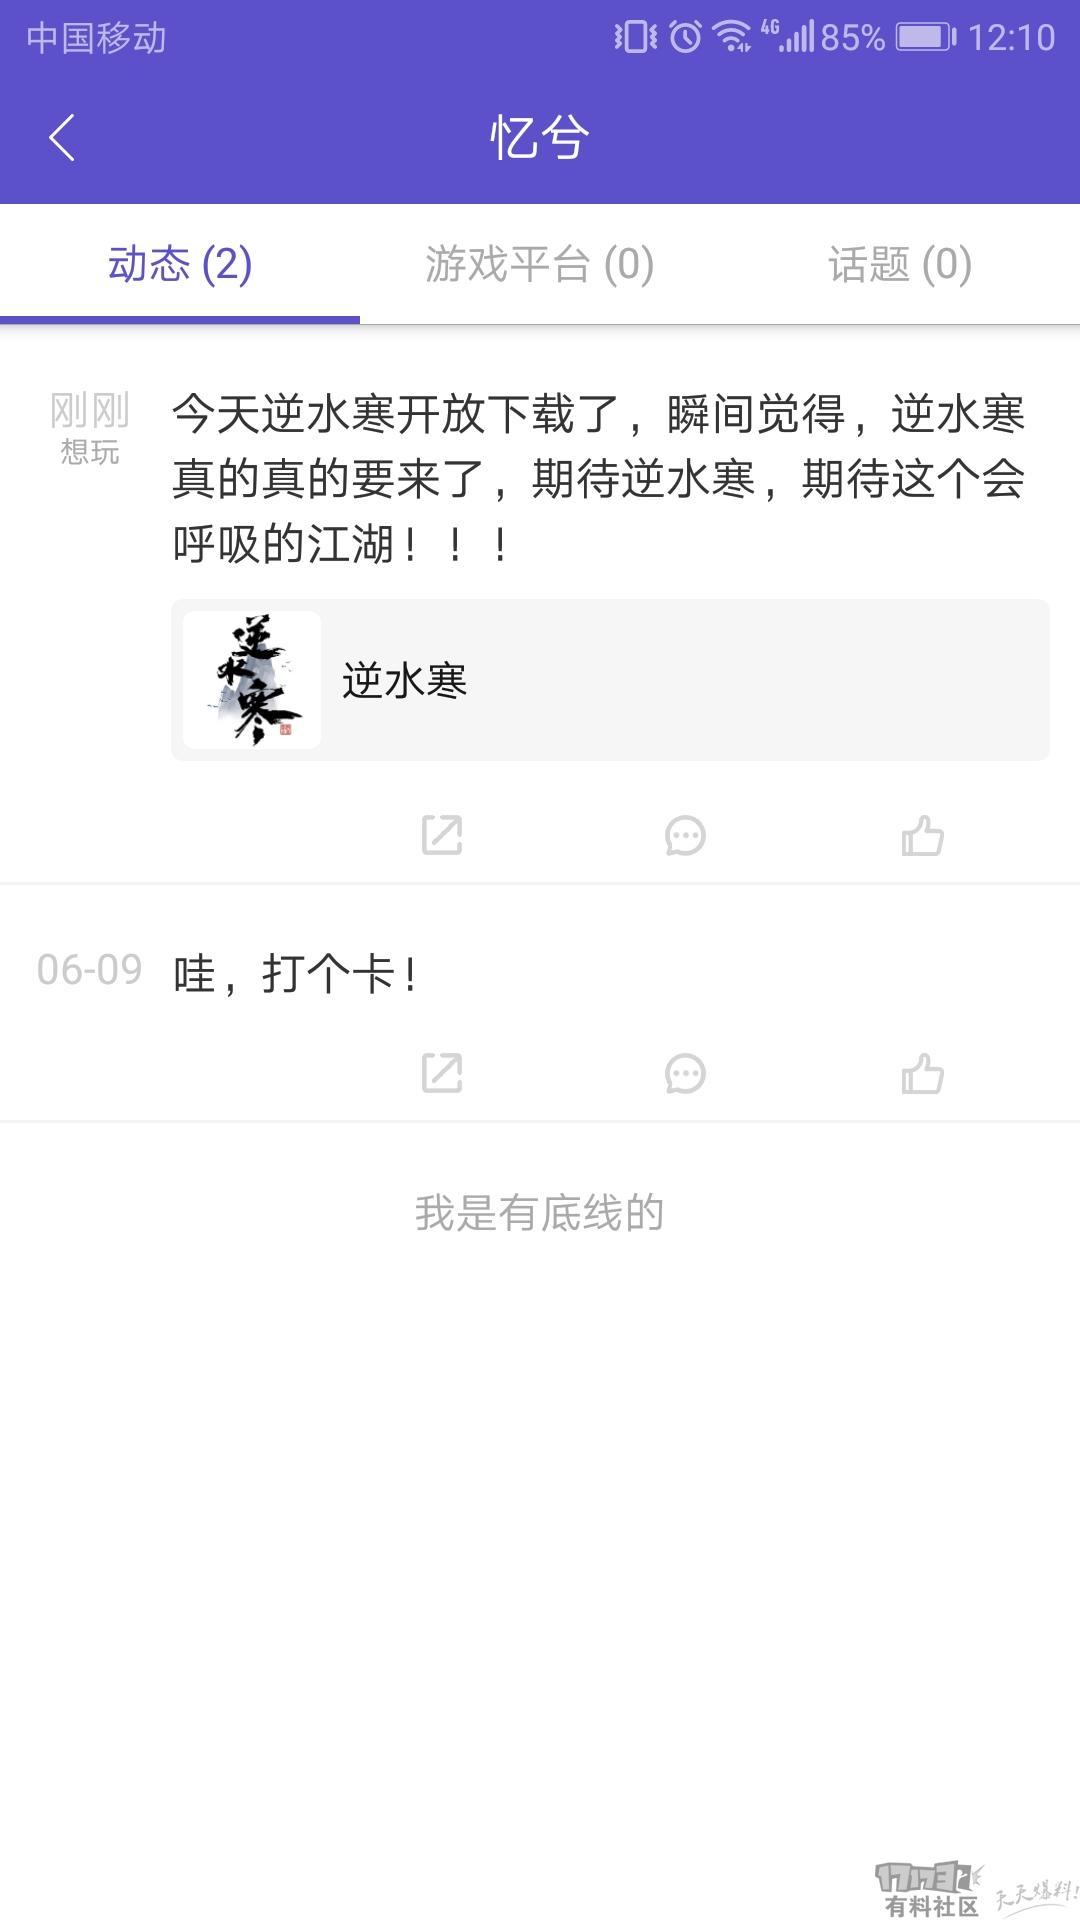 Screenshot_20180615-121045.jpg